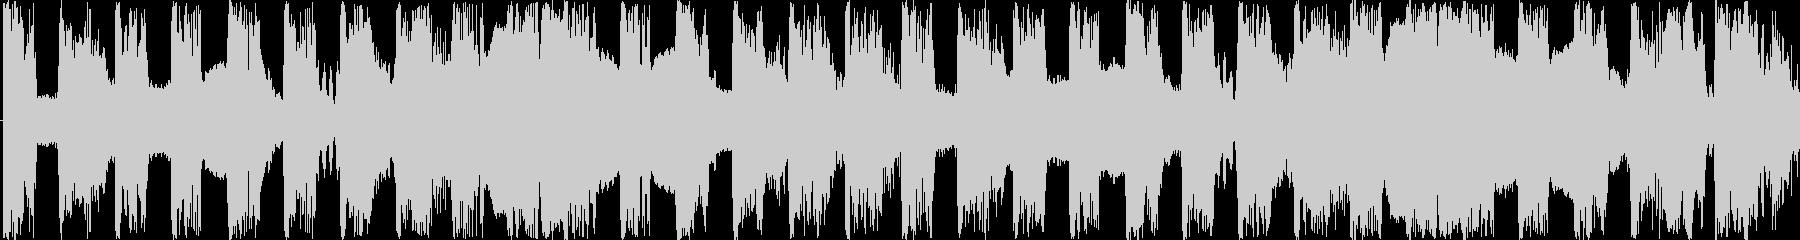 軽快だけど少し変な曲です。18秒の曲で…の未再生の波形